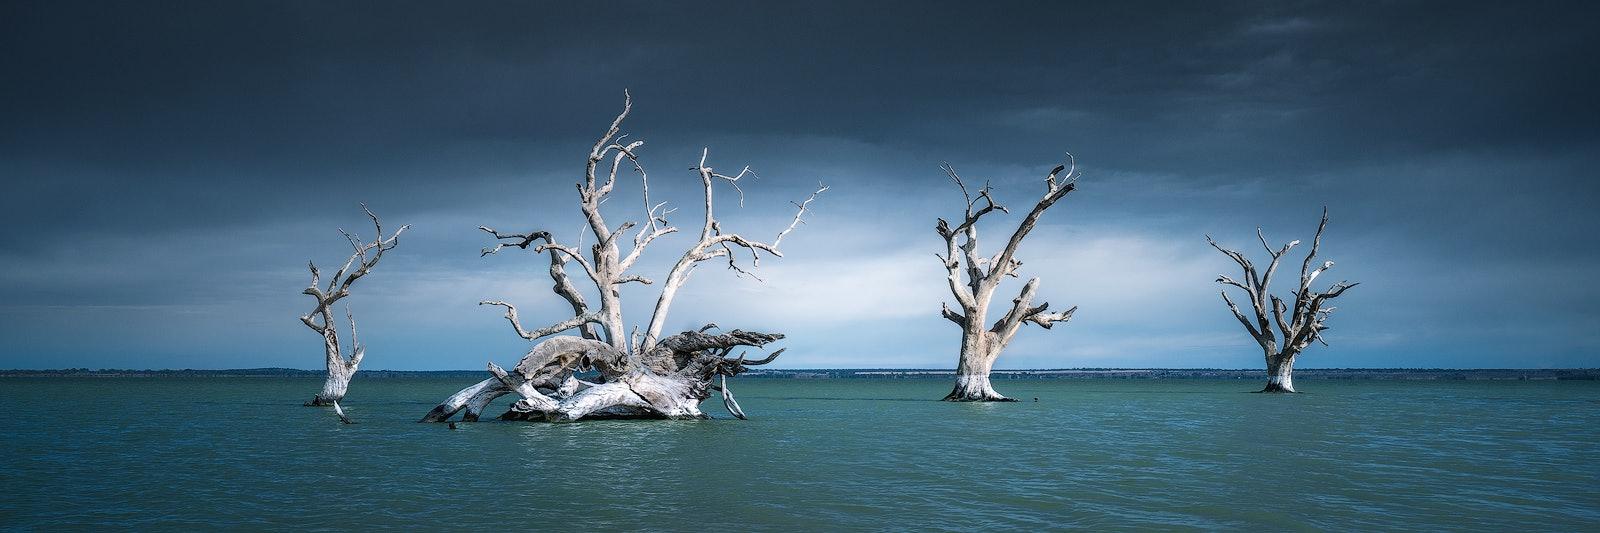 Bleak Outlook - Lake Bonney, SA